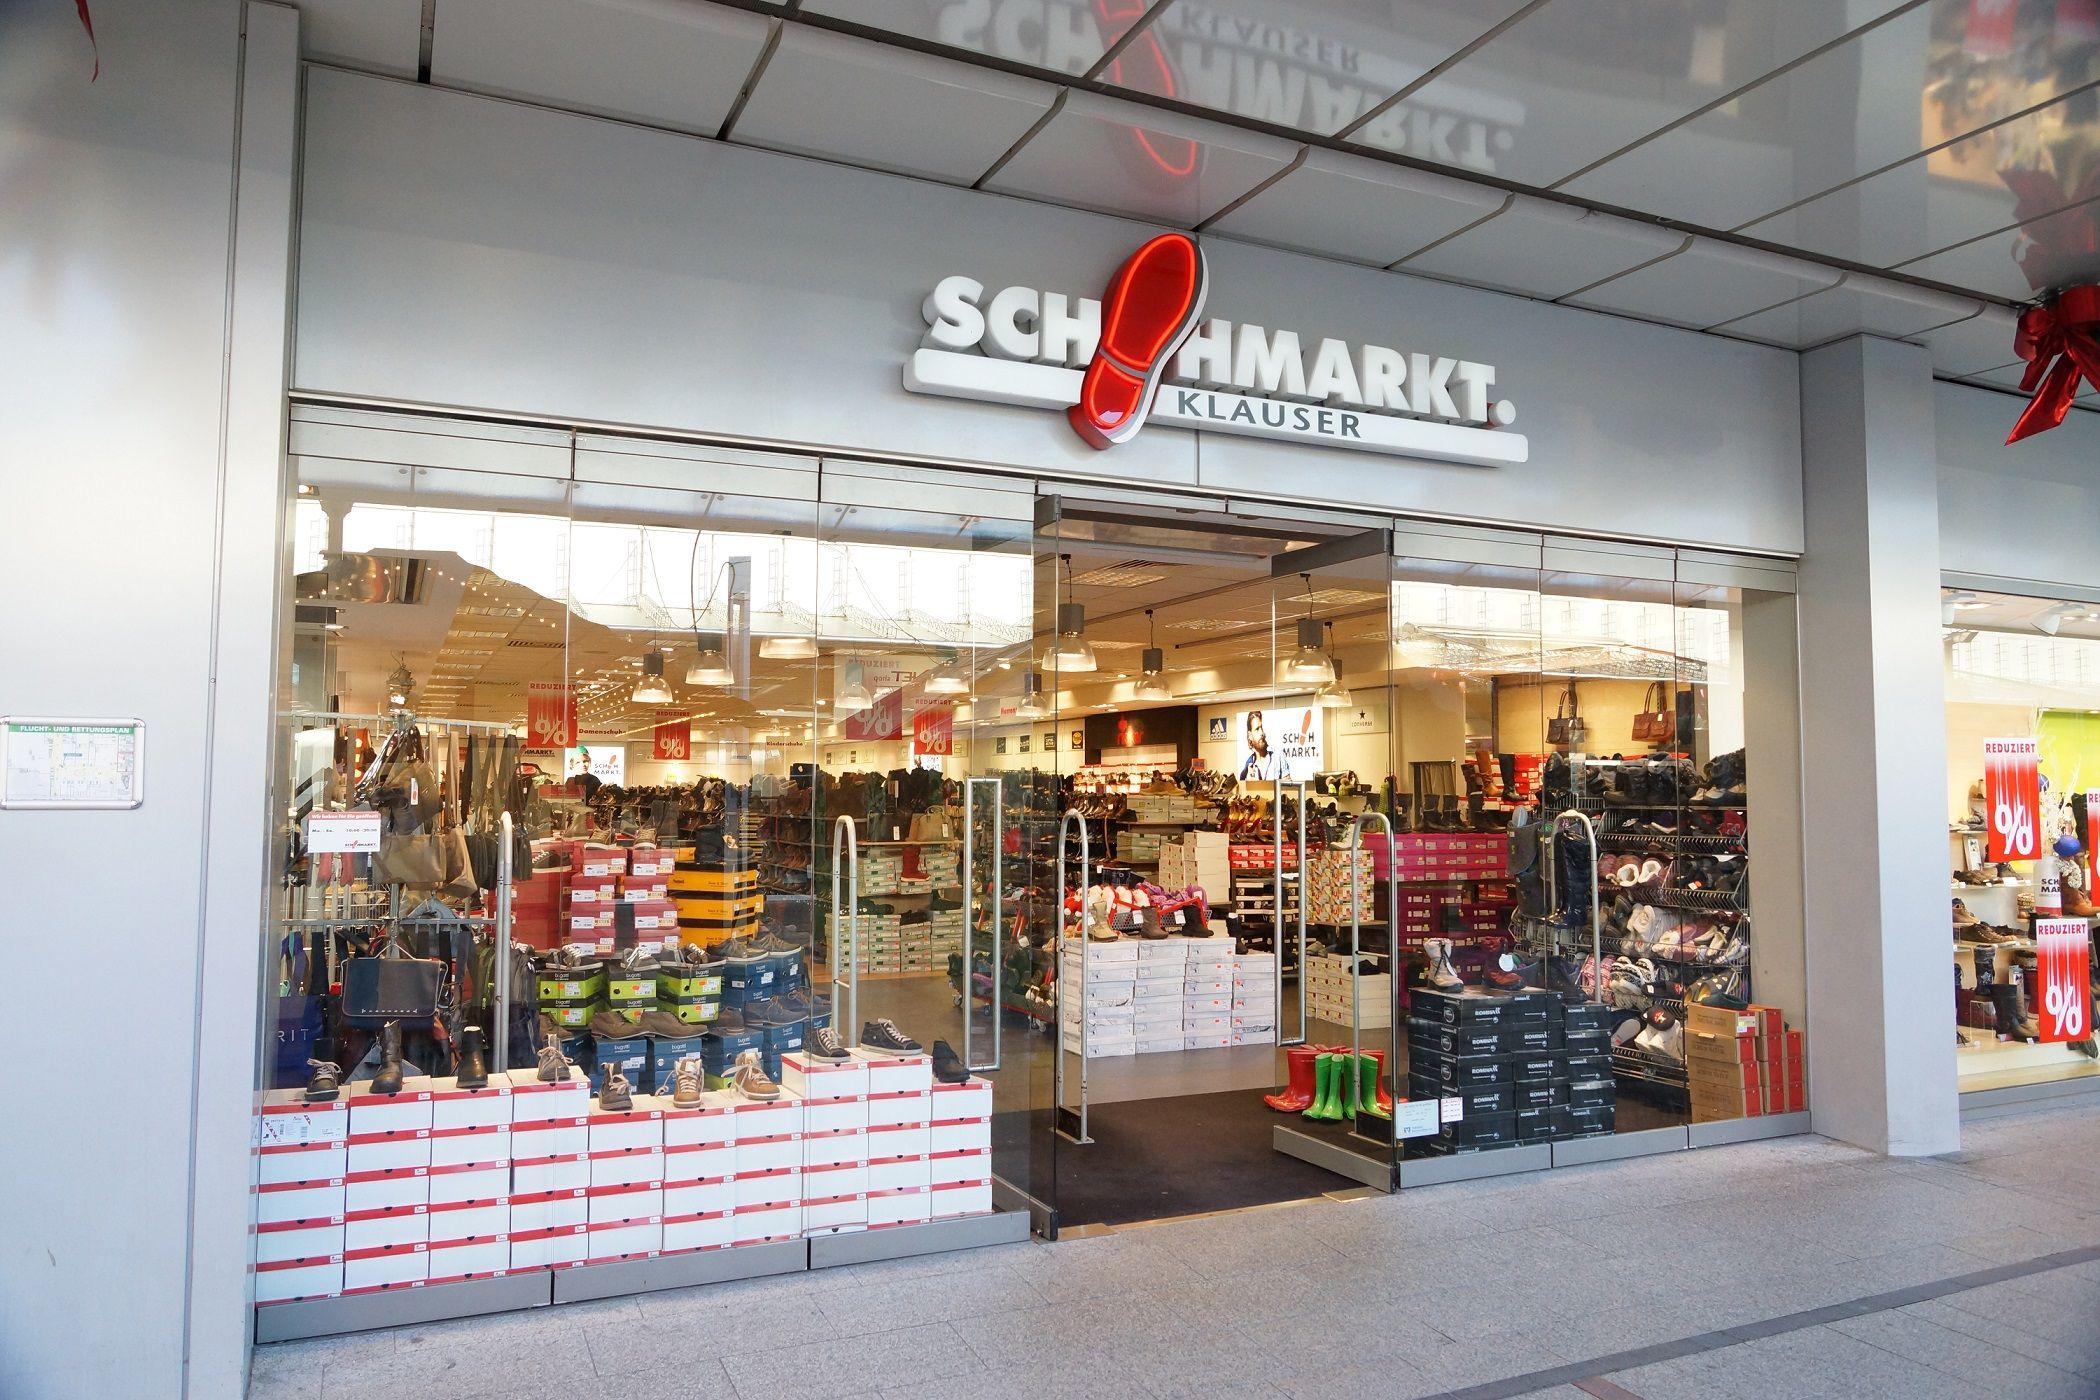 low priced 7164f 65899 Klauser Schuhmarkt - Branche: Taschen, Schuhe & Accessoires ...